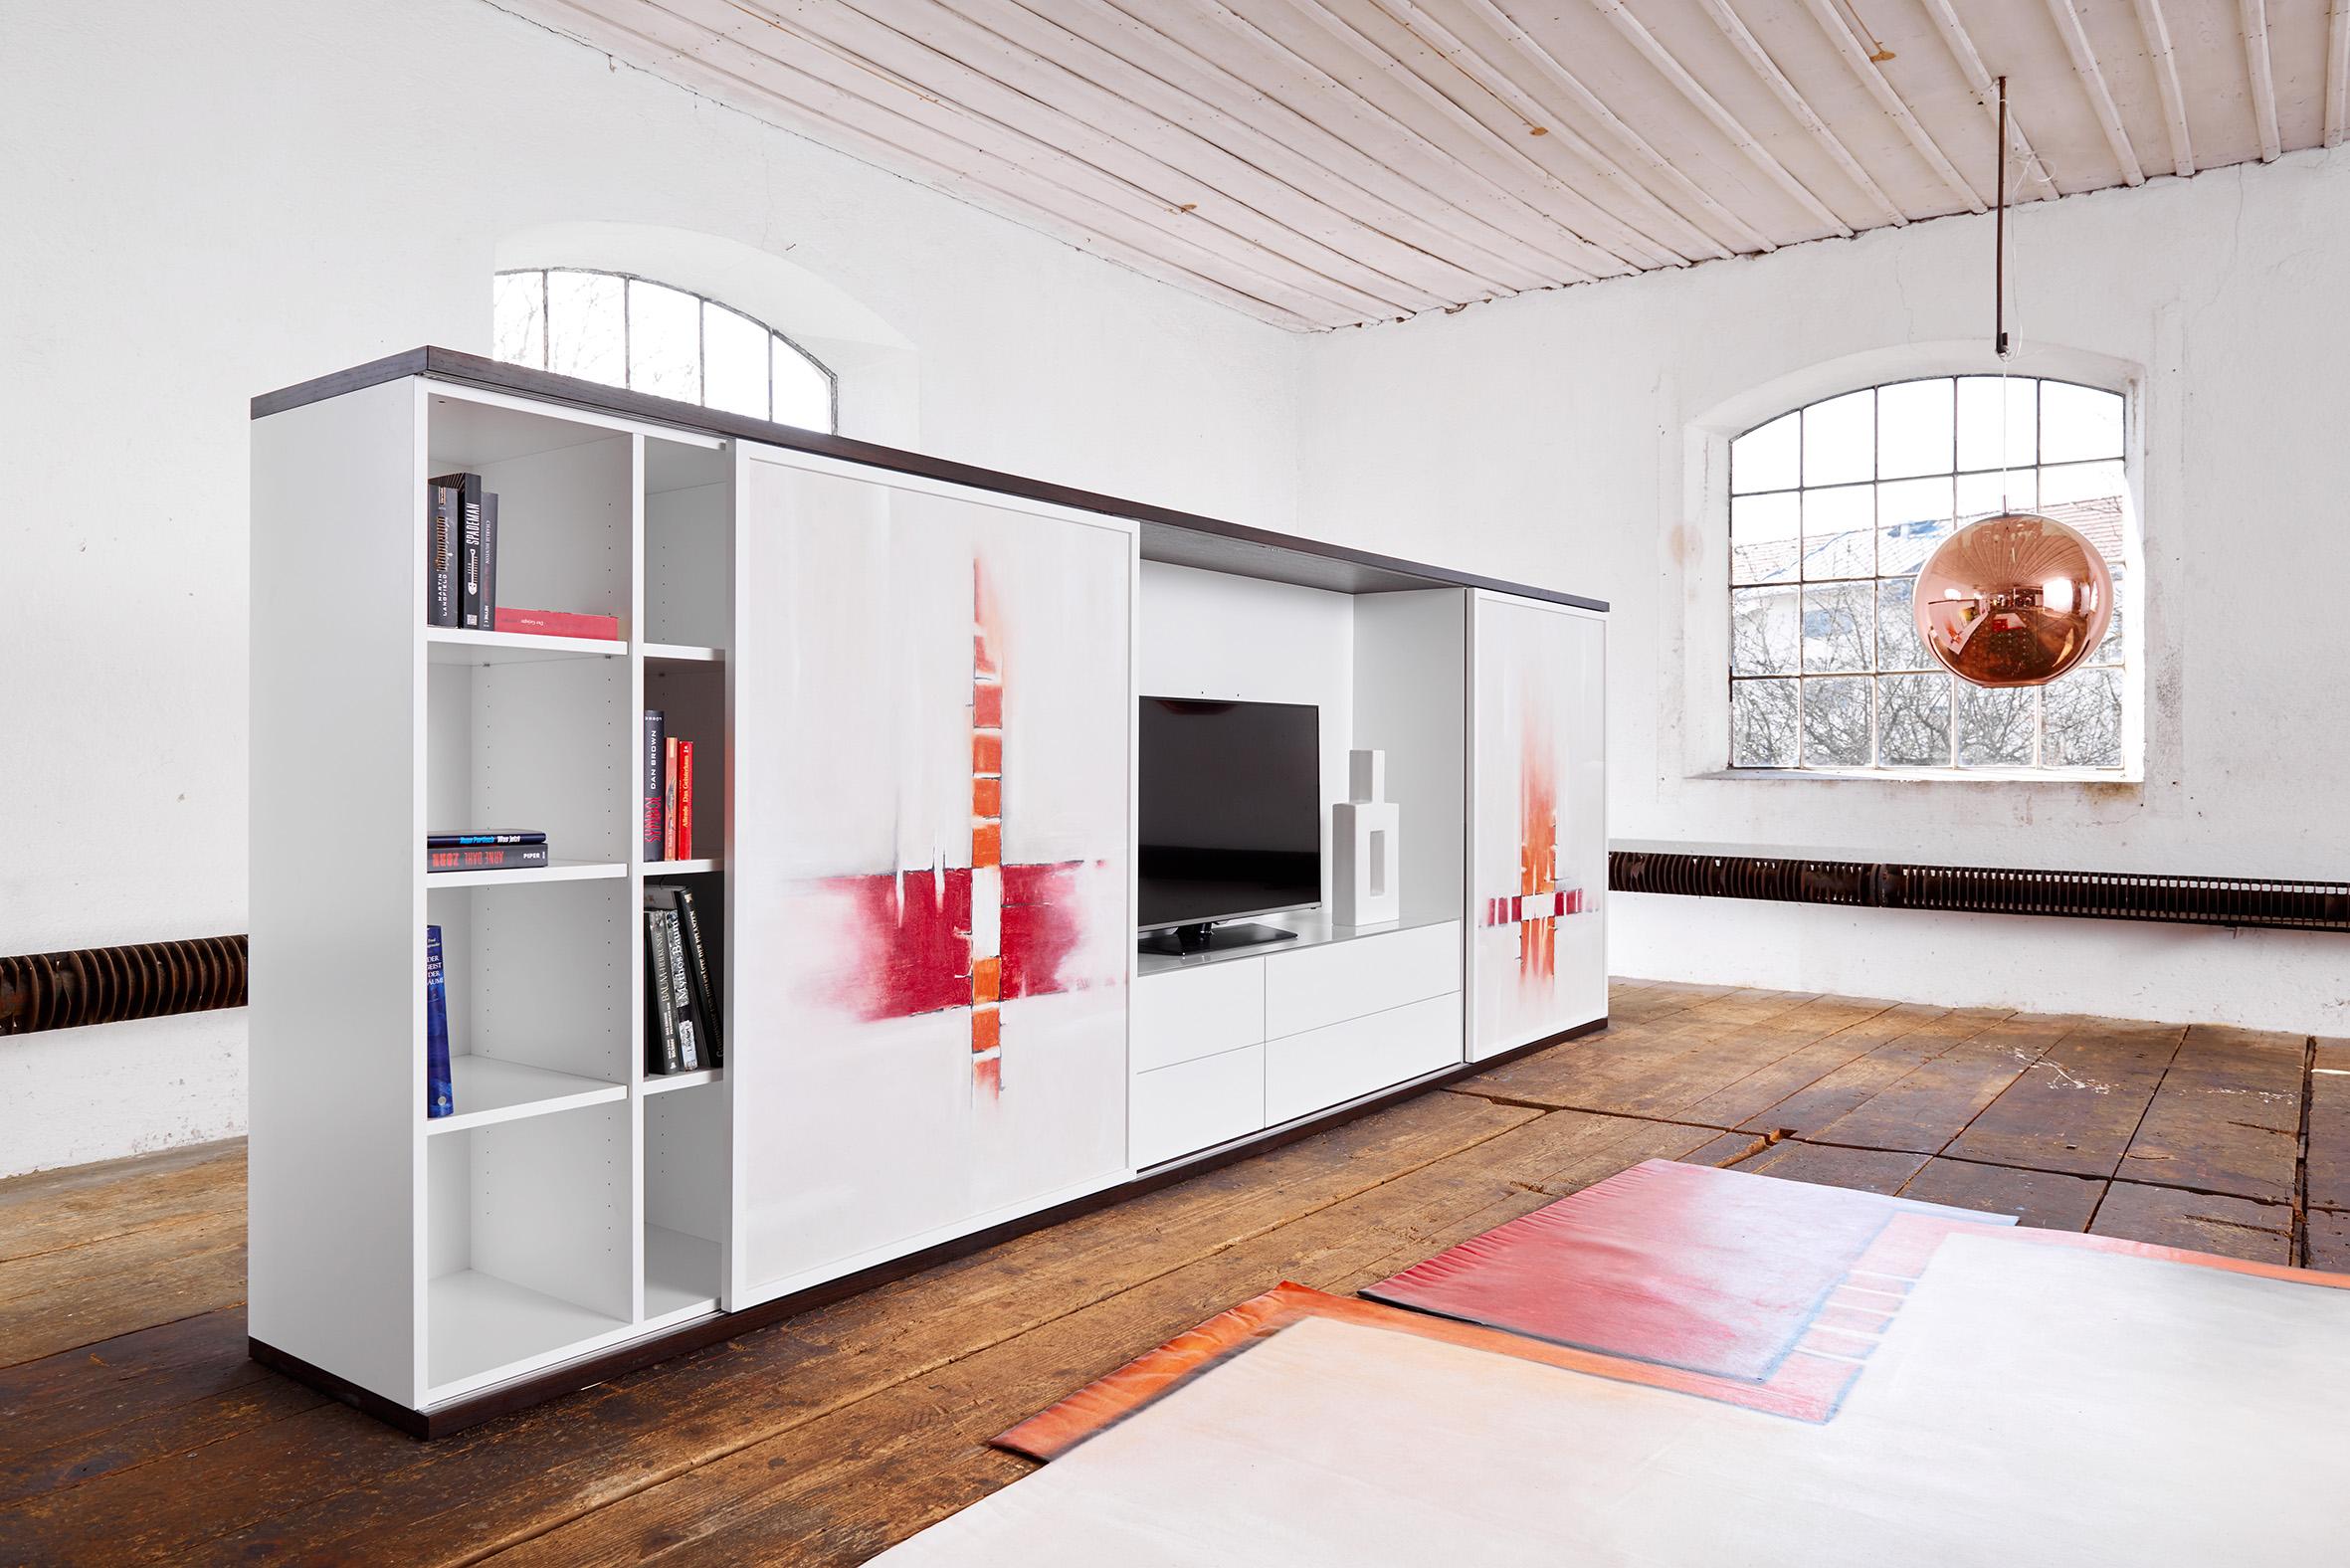 Die Gestaltung Des Möbels Nimmt Sich Durch Den Weißen Lack Deutlich Zurück  Und Lässt Die Farben Auf Dem Leinentuch Wirken. Der Passende Teppich Und  Die ...